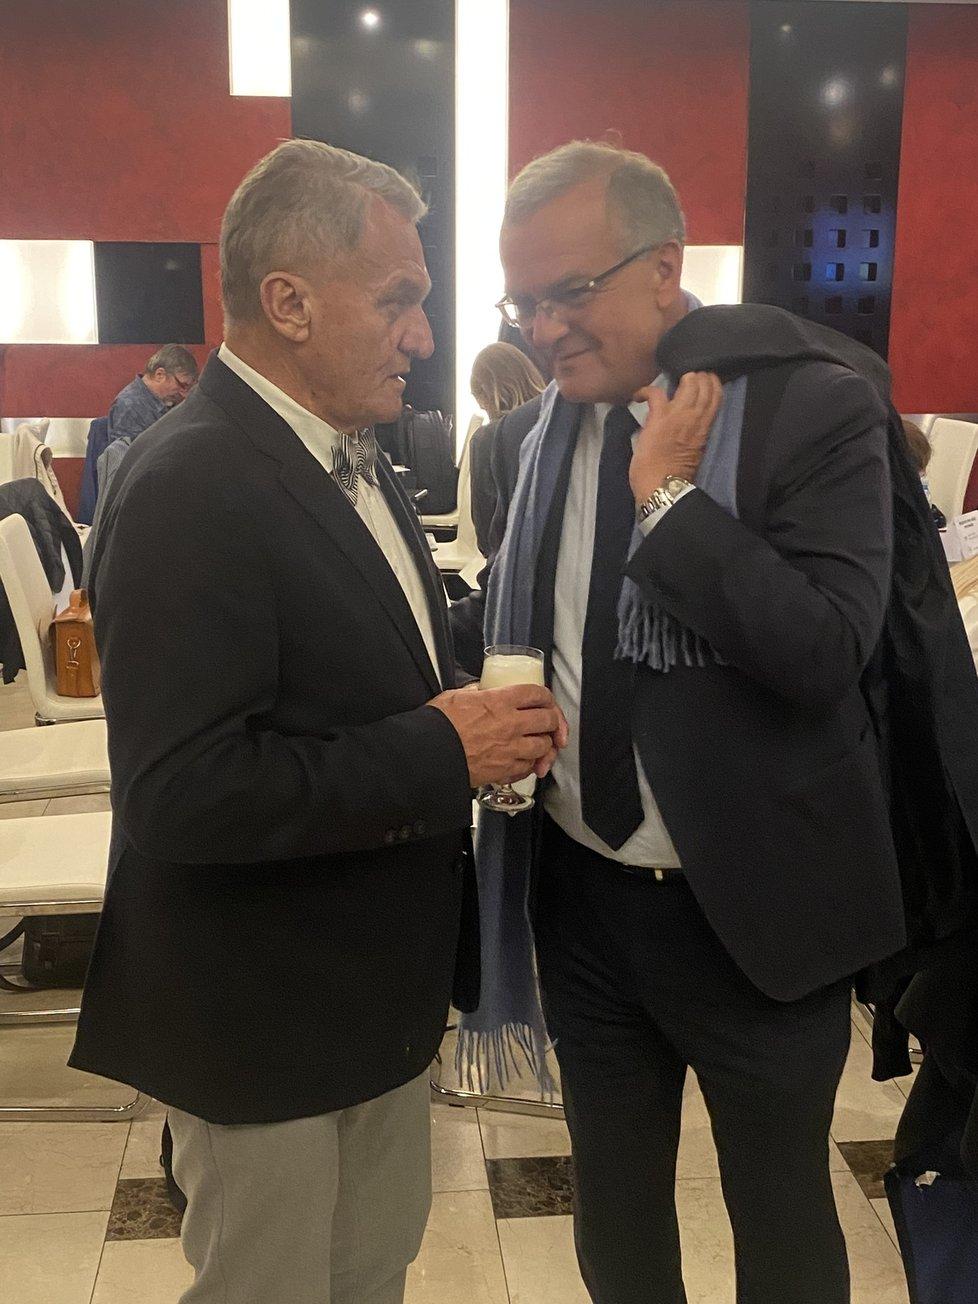 Štáb Spolu: Bhuslav Svoboda (ODS) a Miroslav Kalousek (TOP 09) (9.10.2021)